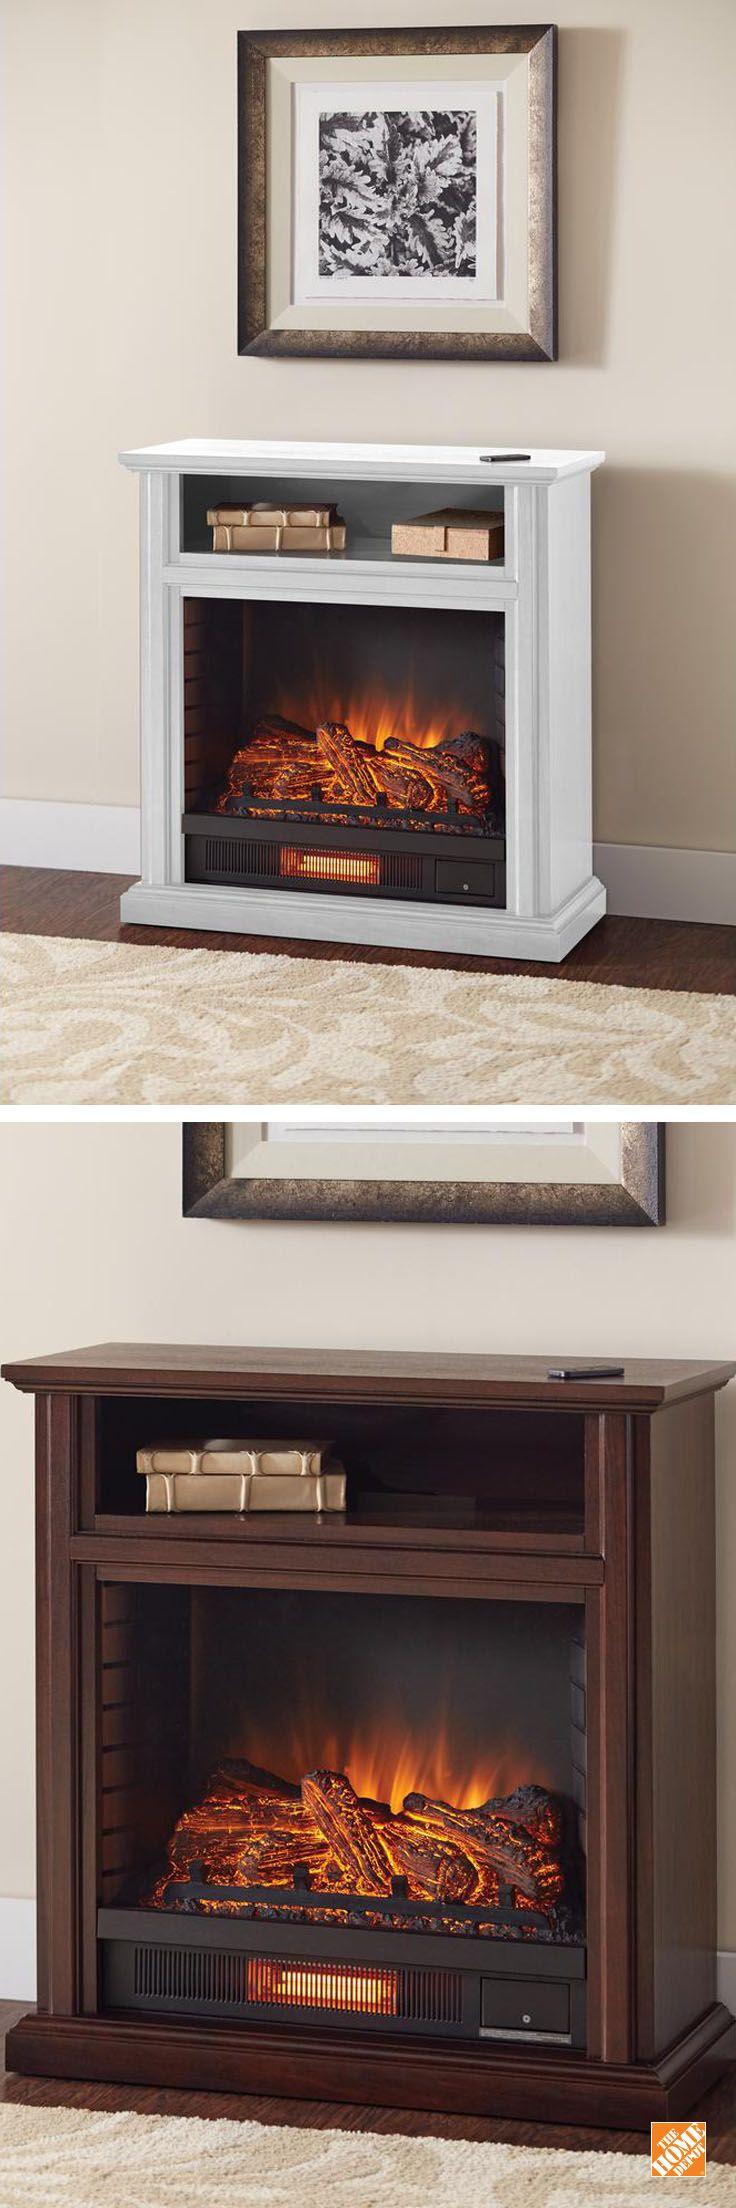 más de 25 ideas increíbles sobre media fireplace en pinterest